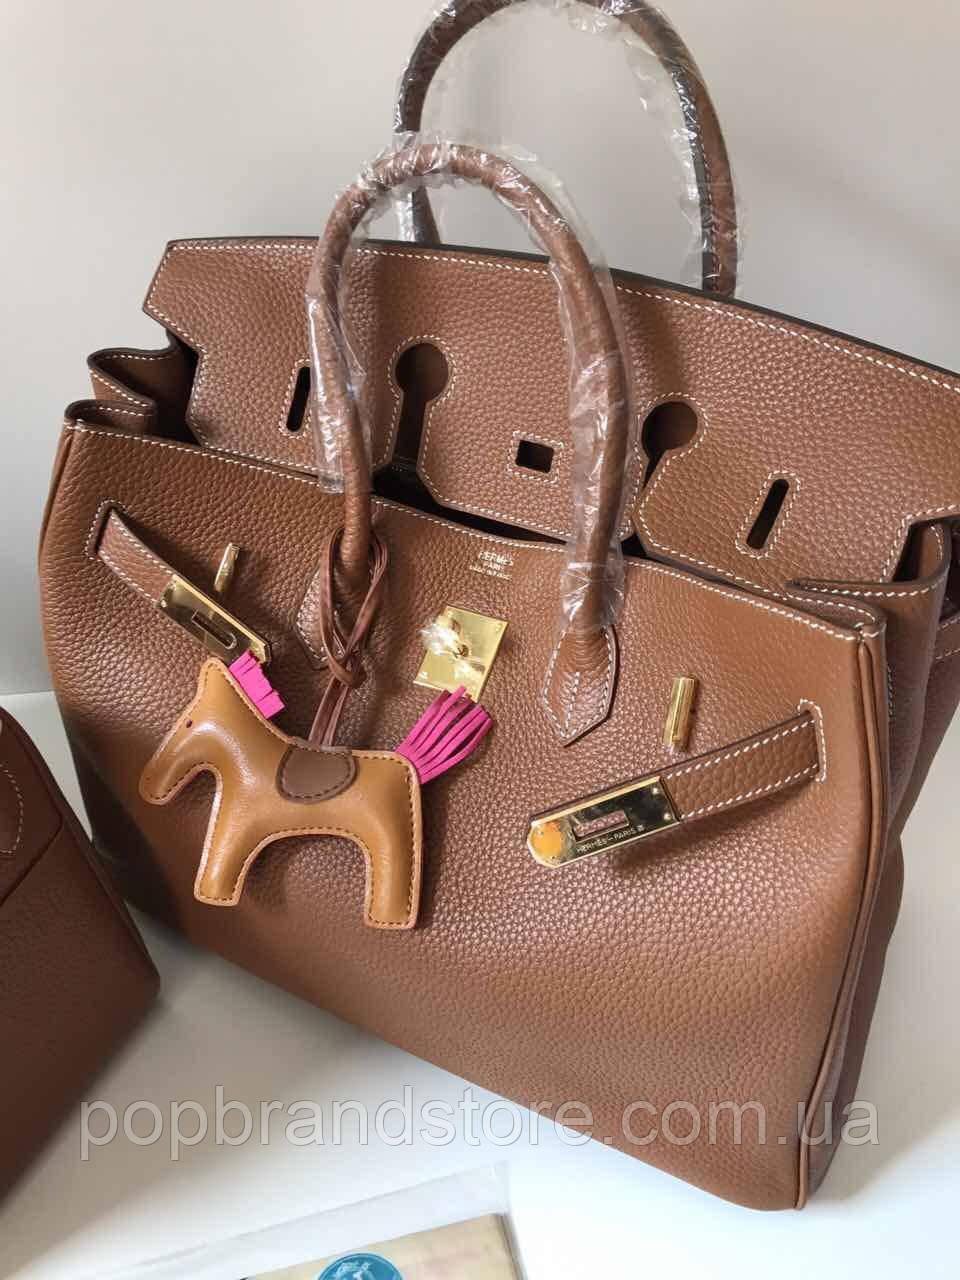 Роскошная женская сумка Гермес Биркин 35 см (реплика)  продажа 08285be52c3fc